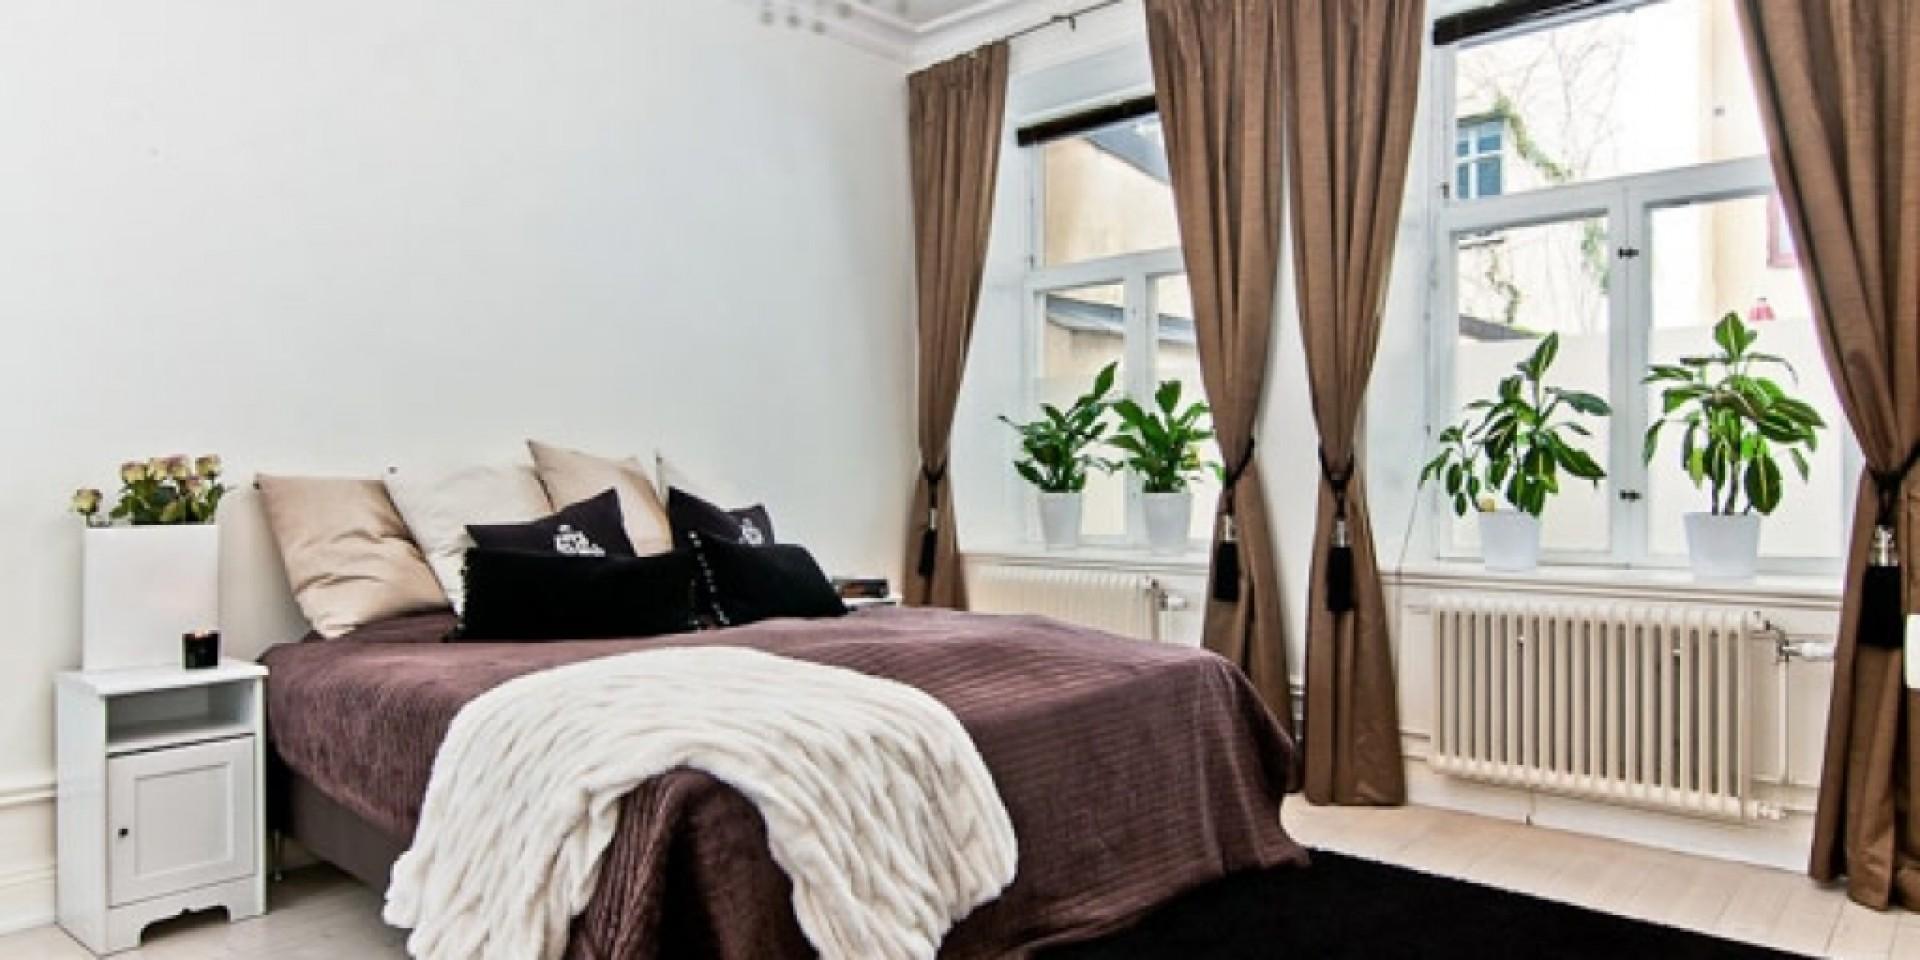 Rozwiązania Dekoracyjne Dla Małej Sypialni